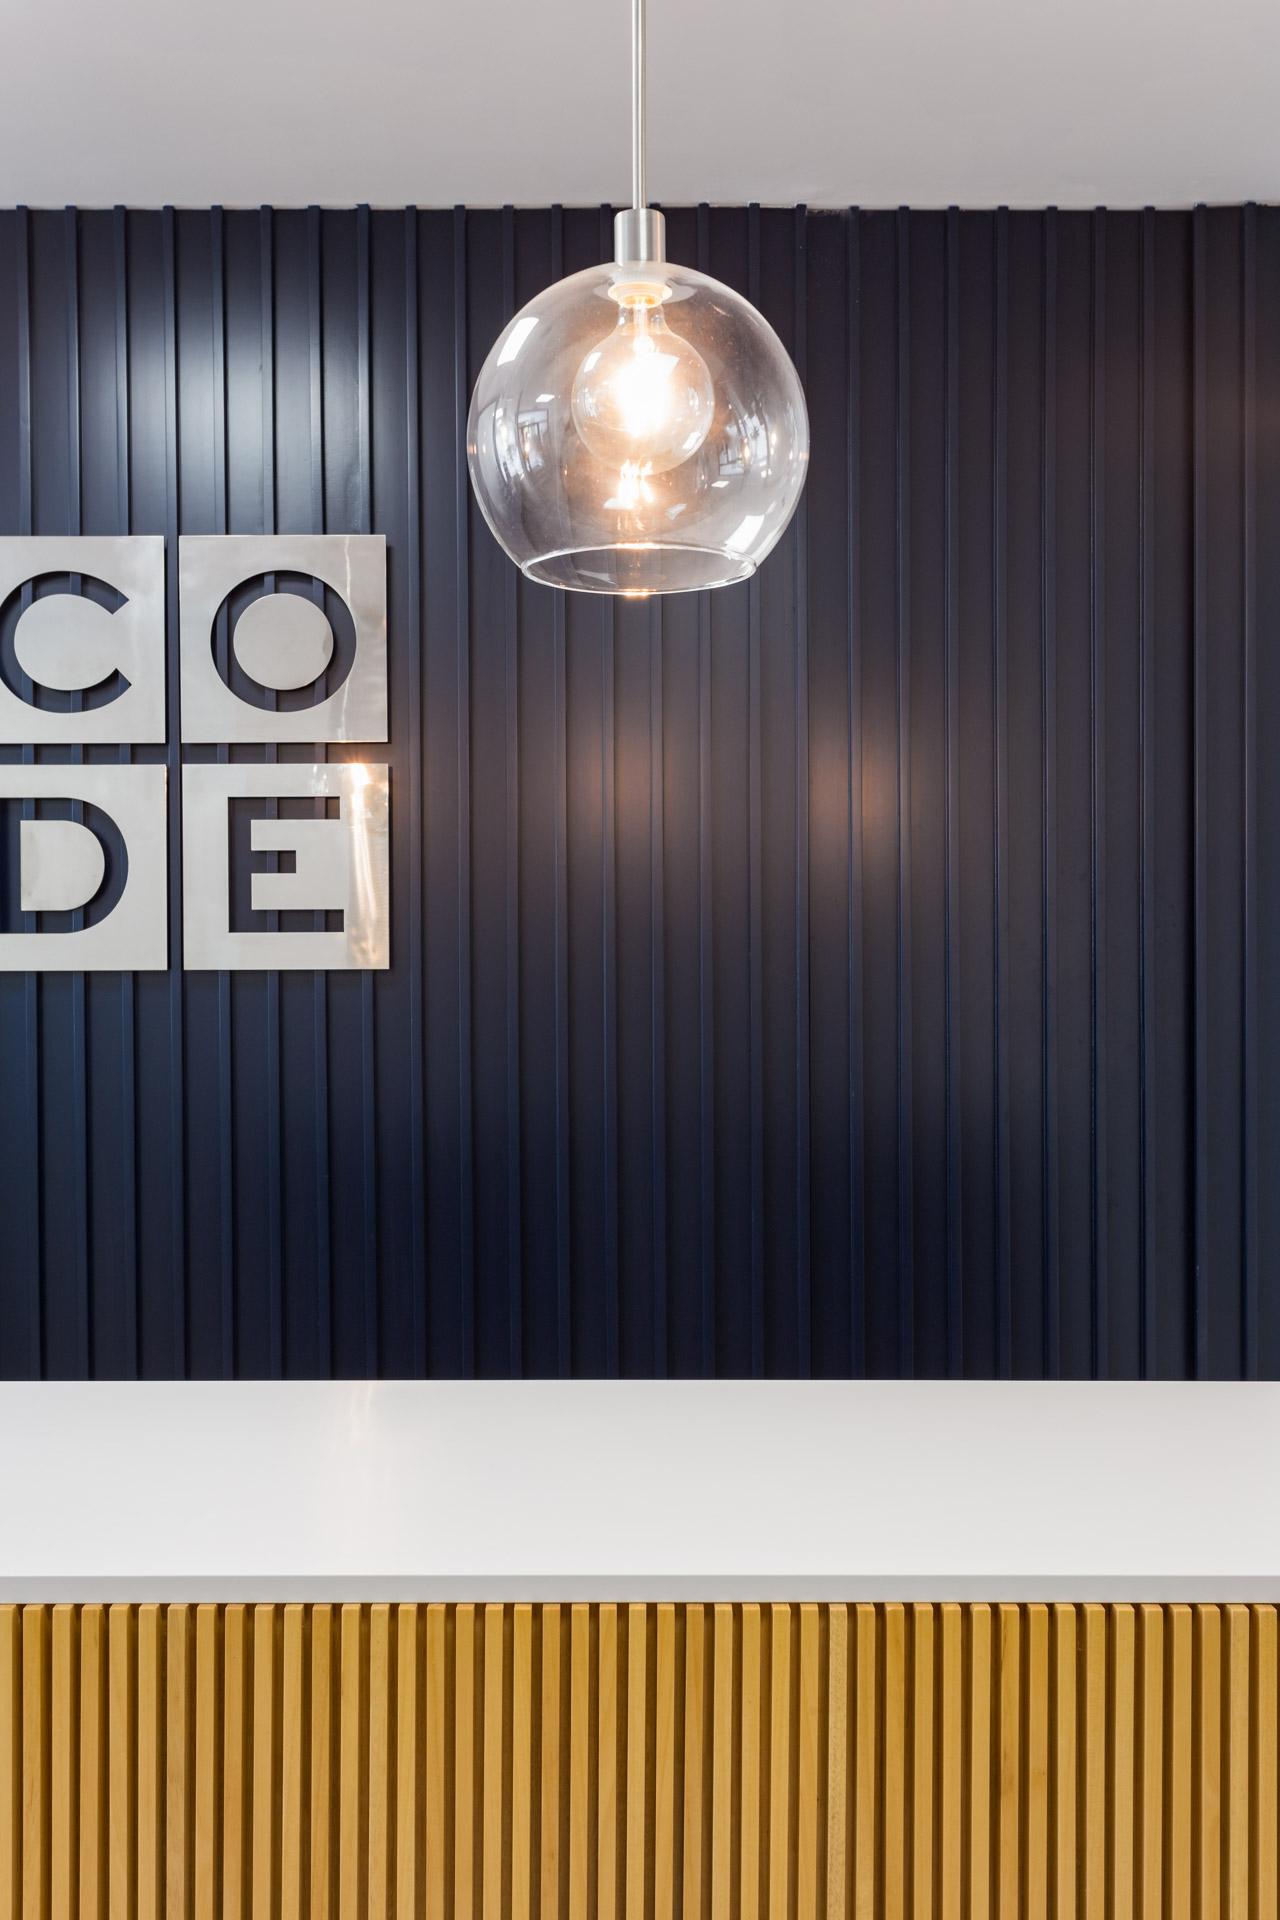 Clínica CODE | Encaixe Arquitectura - Jose Chas, Photography